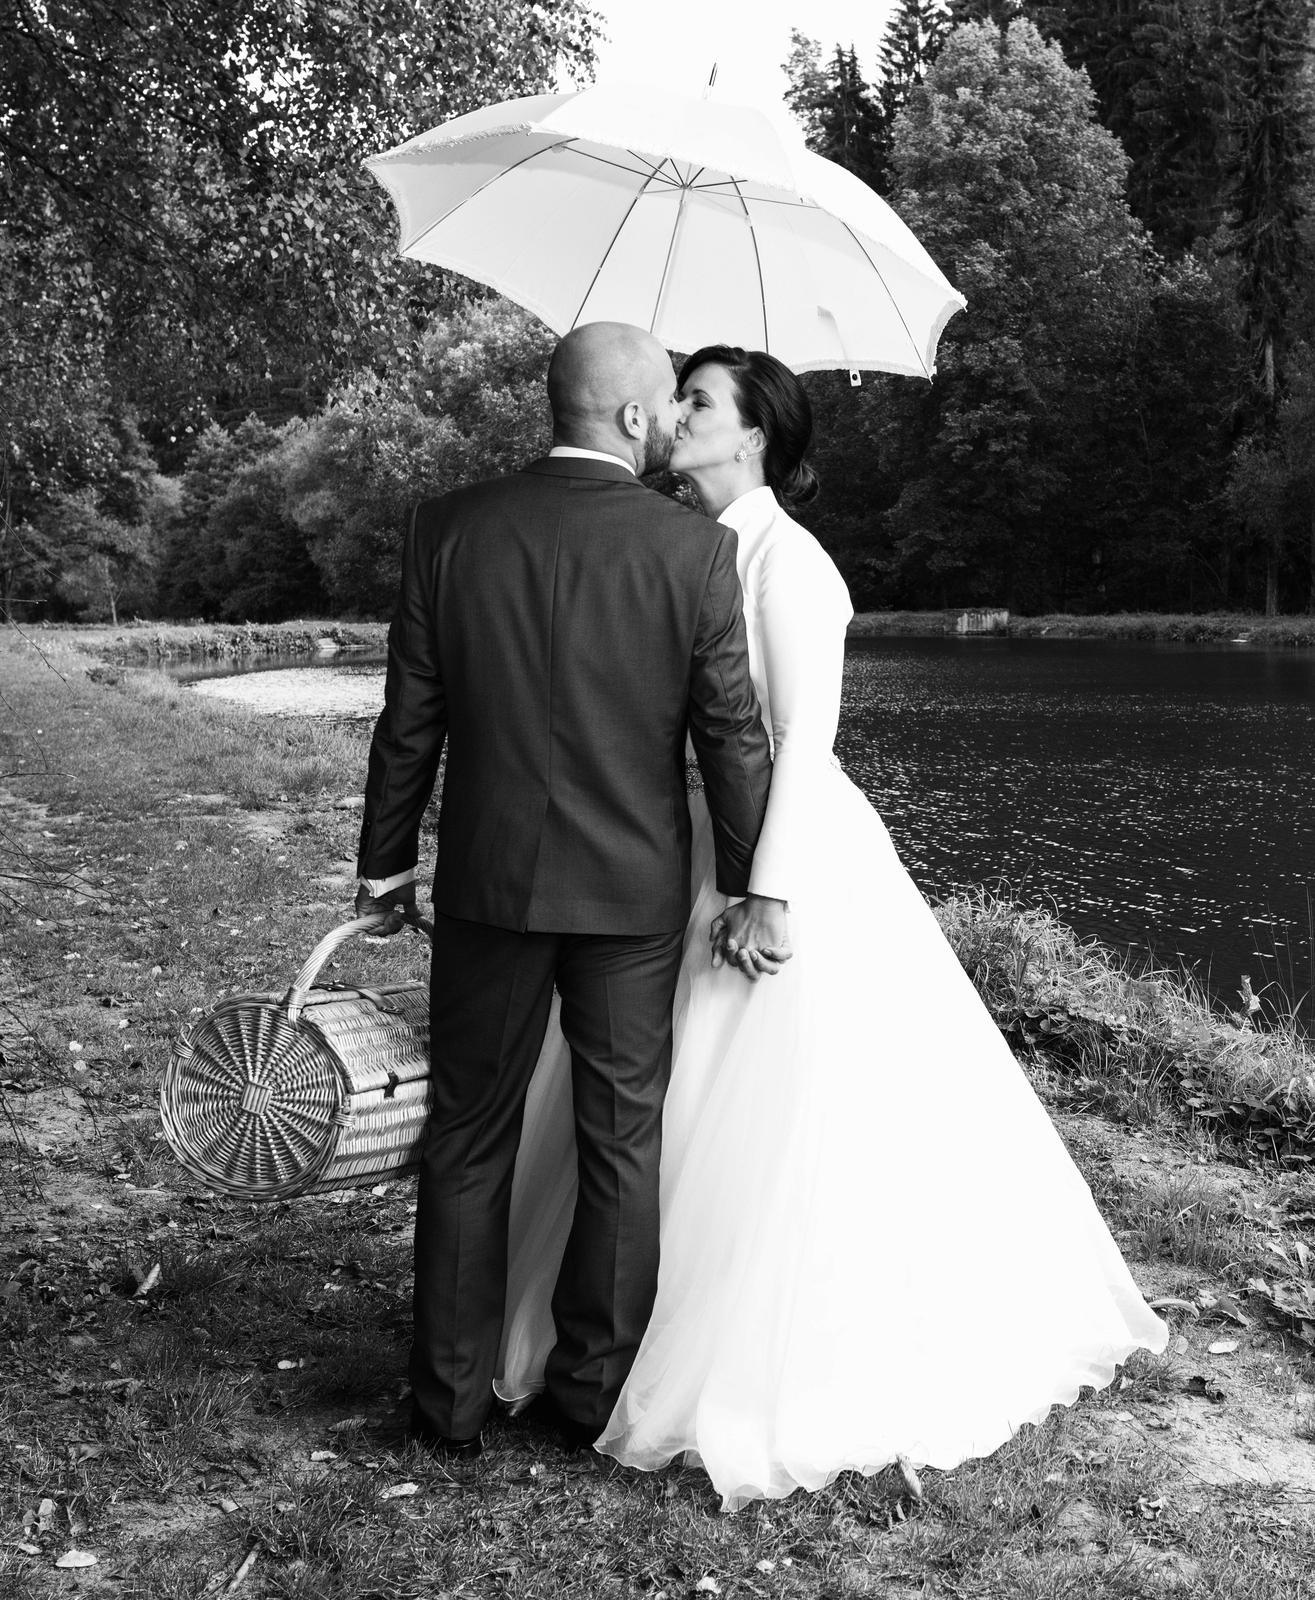 25. črc 2017 v 11 01 • Svatba byla v září 2015 • Odpověz • To se mi líbí • 679fbc13e2